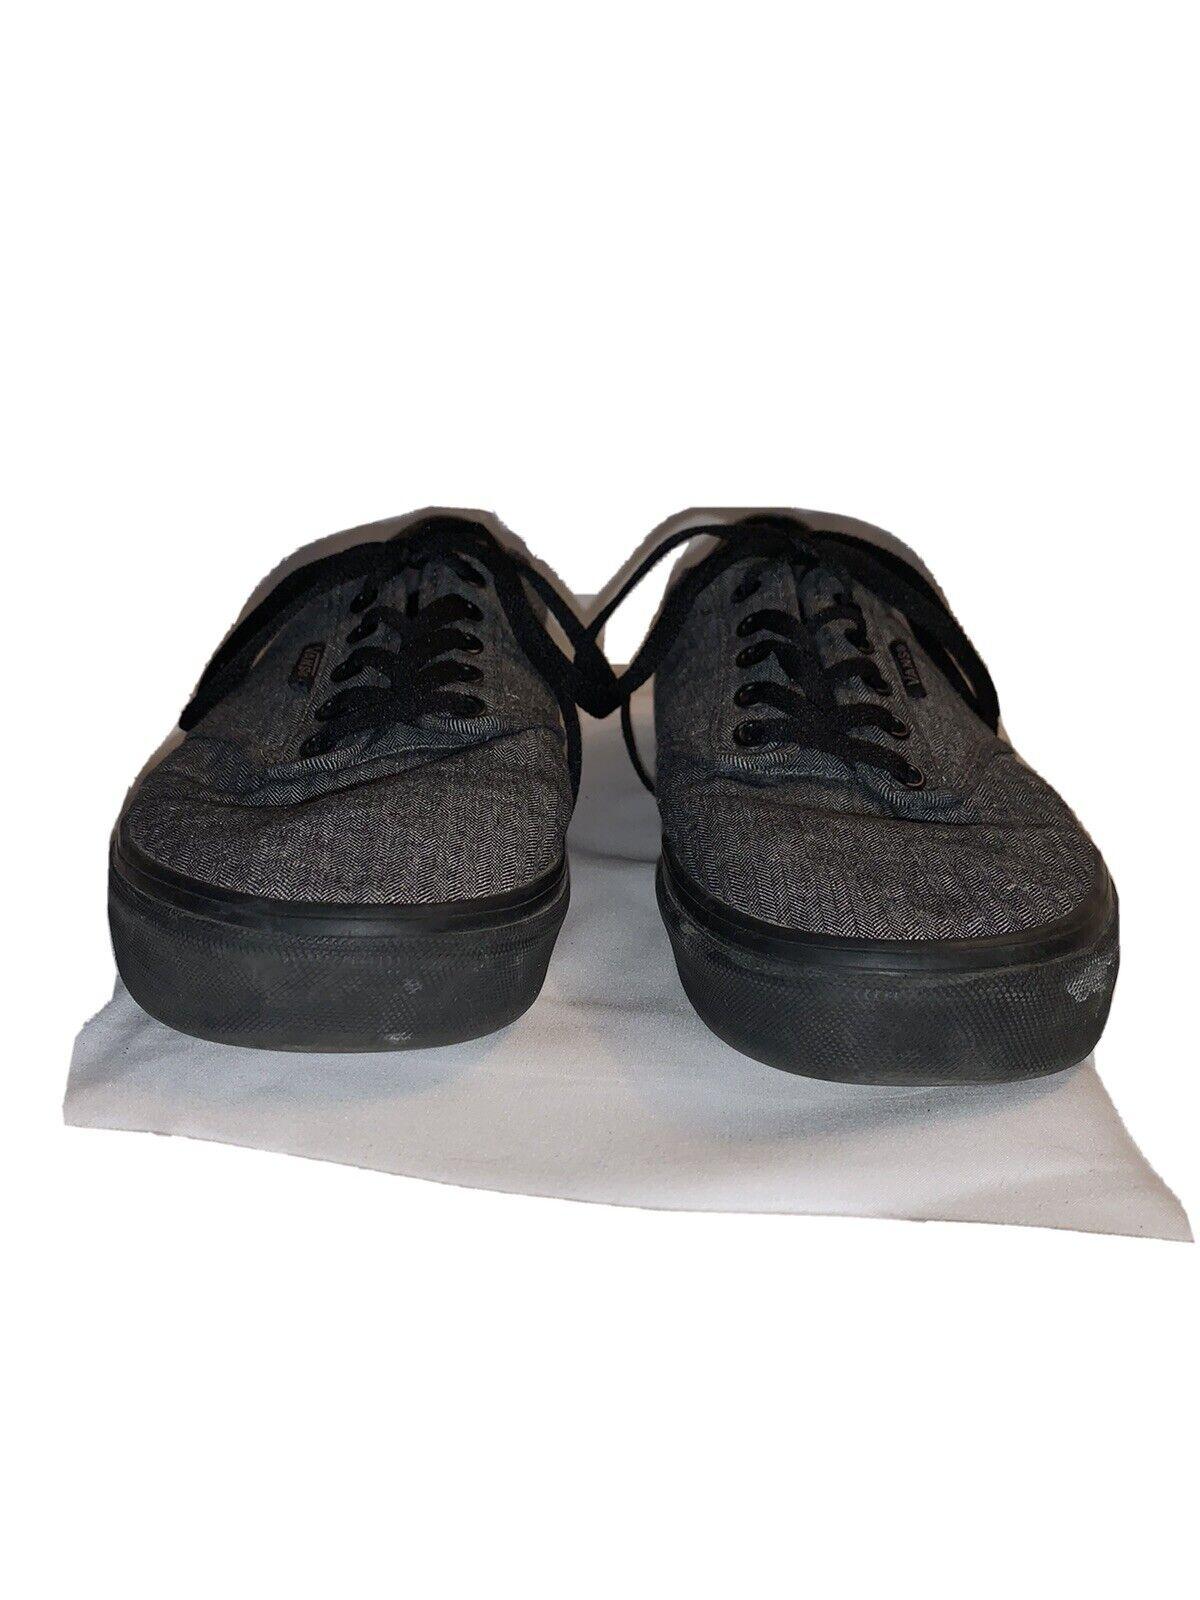 black slip on vans cheap